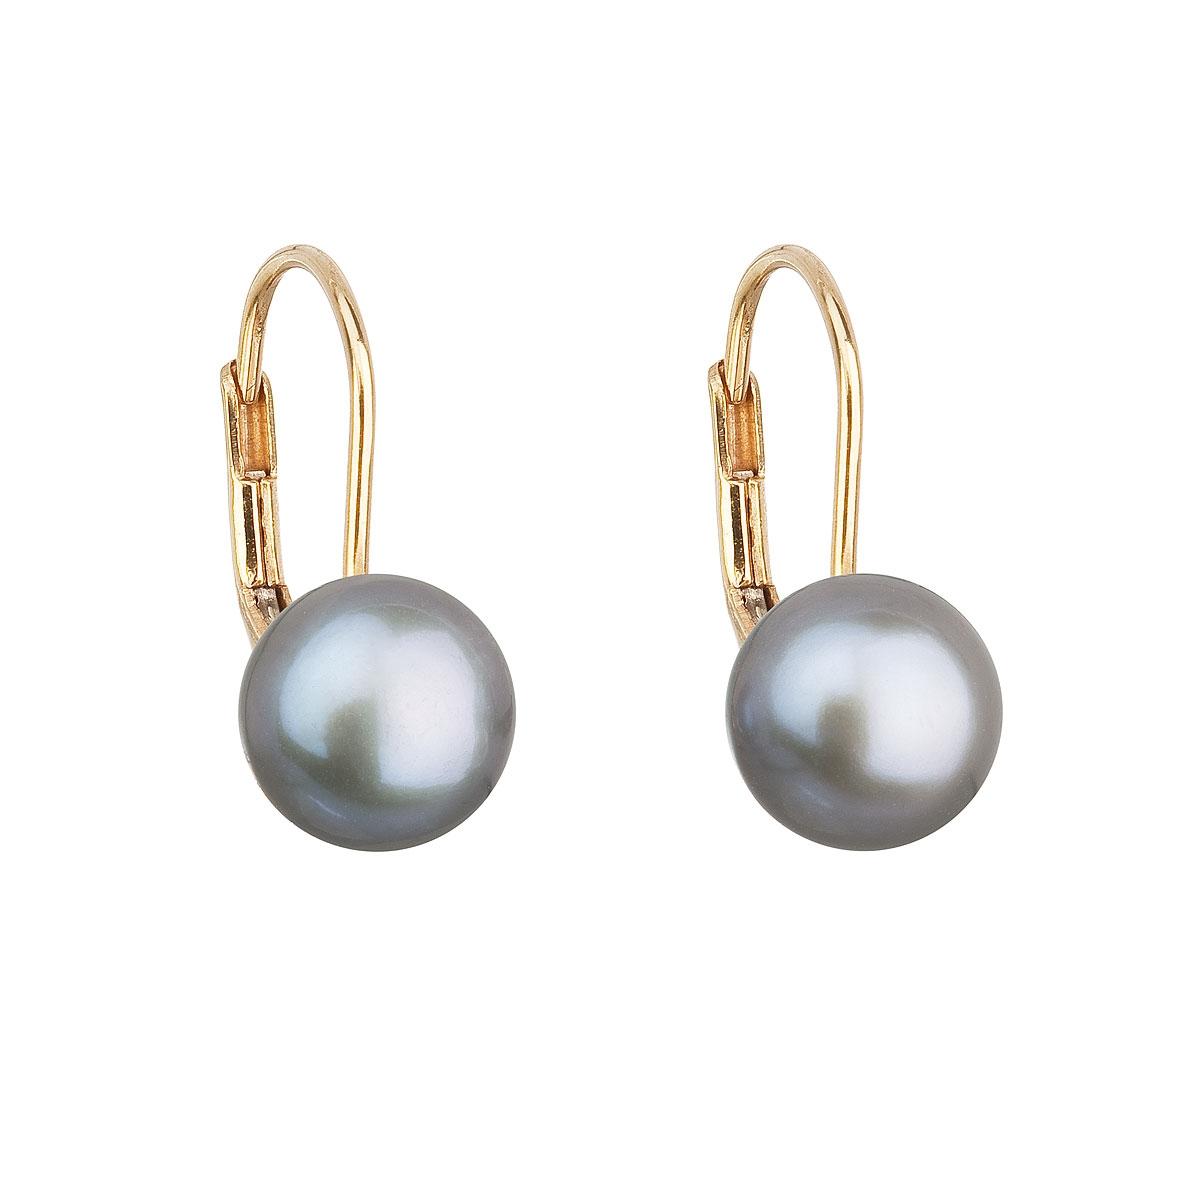 Zlaté 14ti karátové náušnice se šedou říční perlou EGZ002-GR